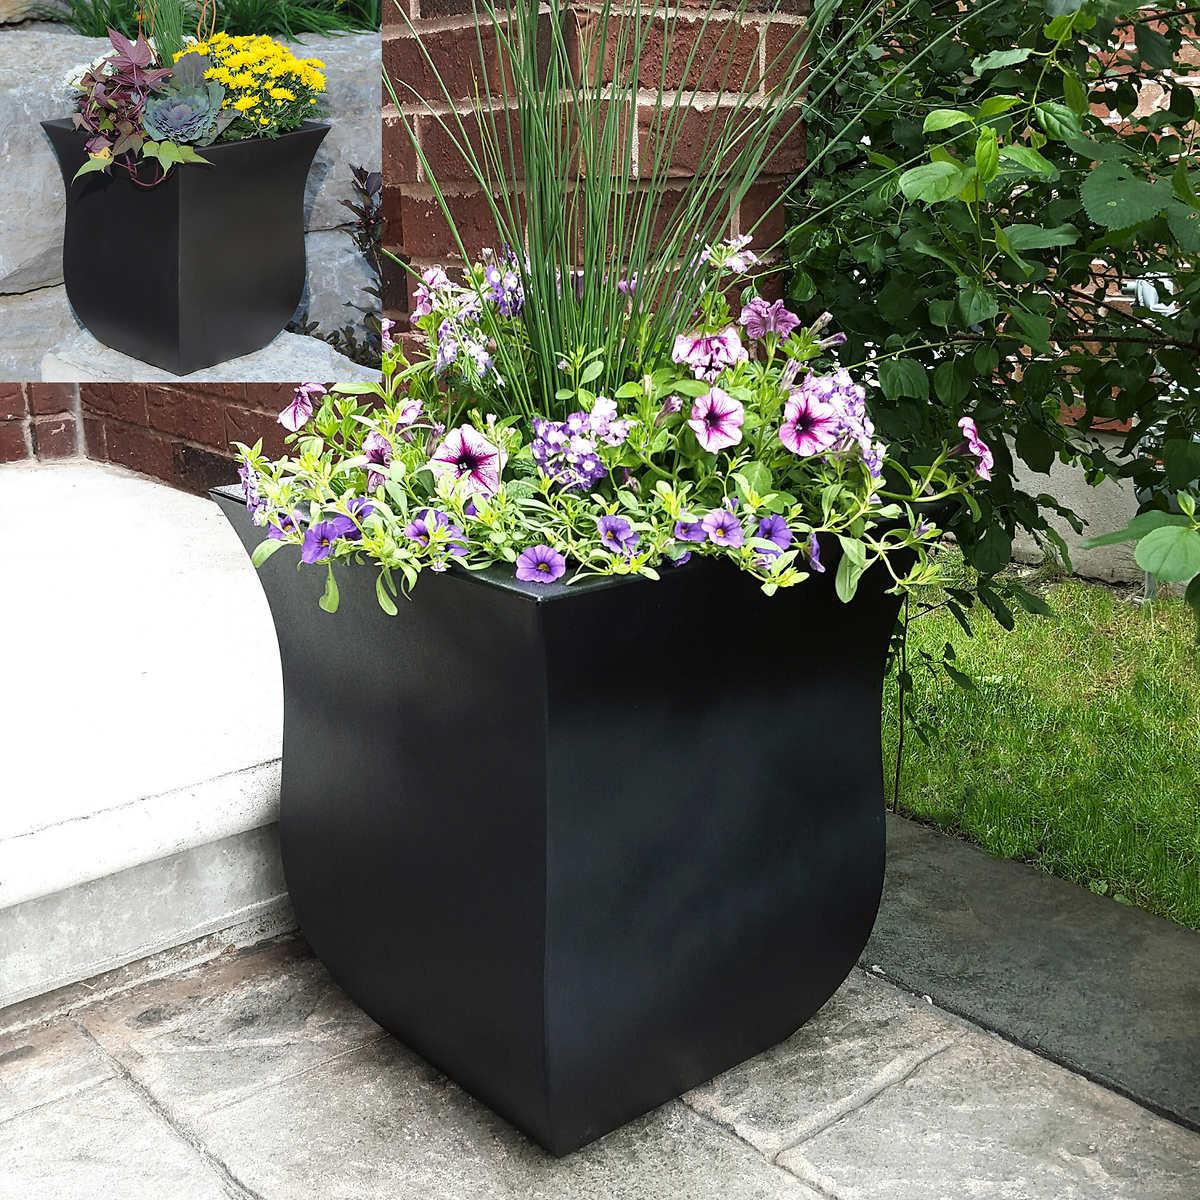 Flower vase kijiji - Valencia Square Planter